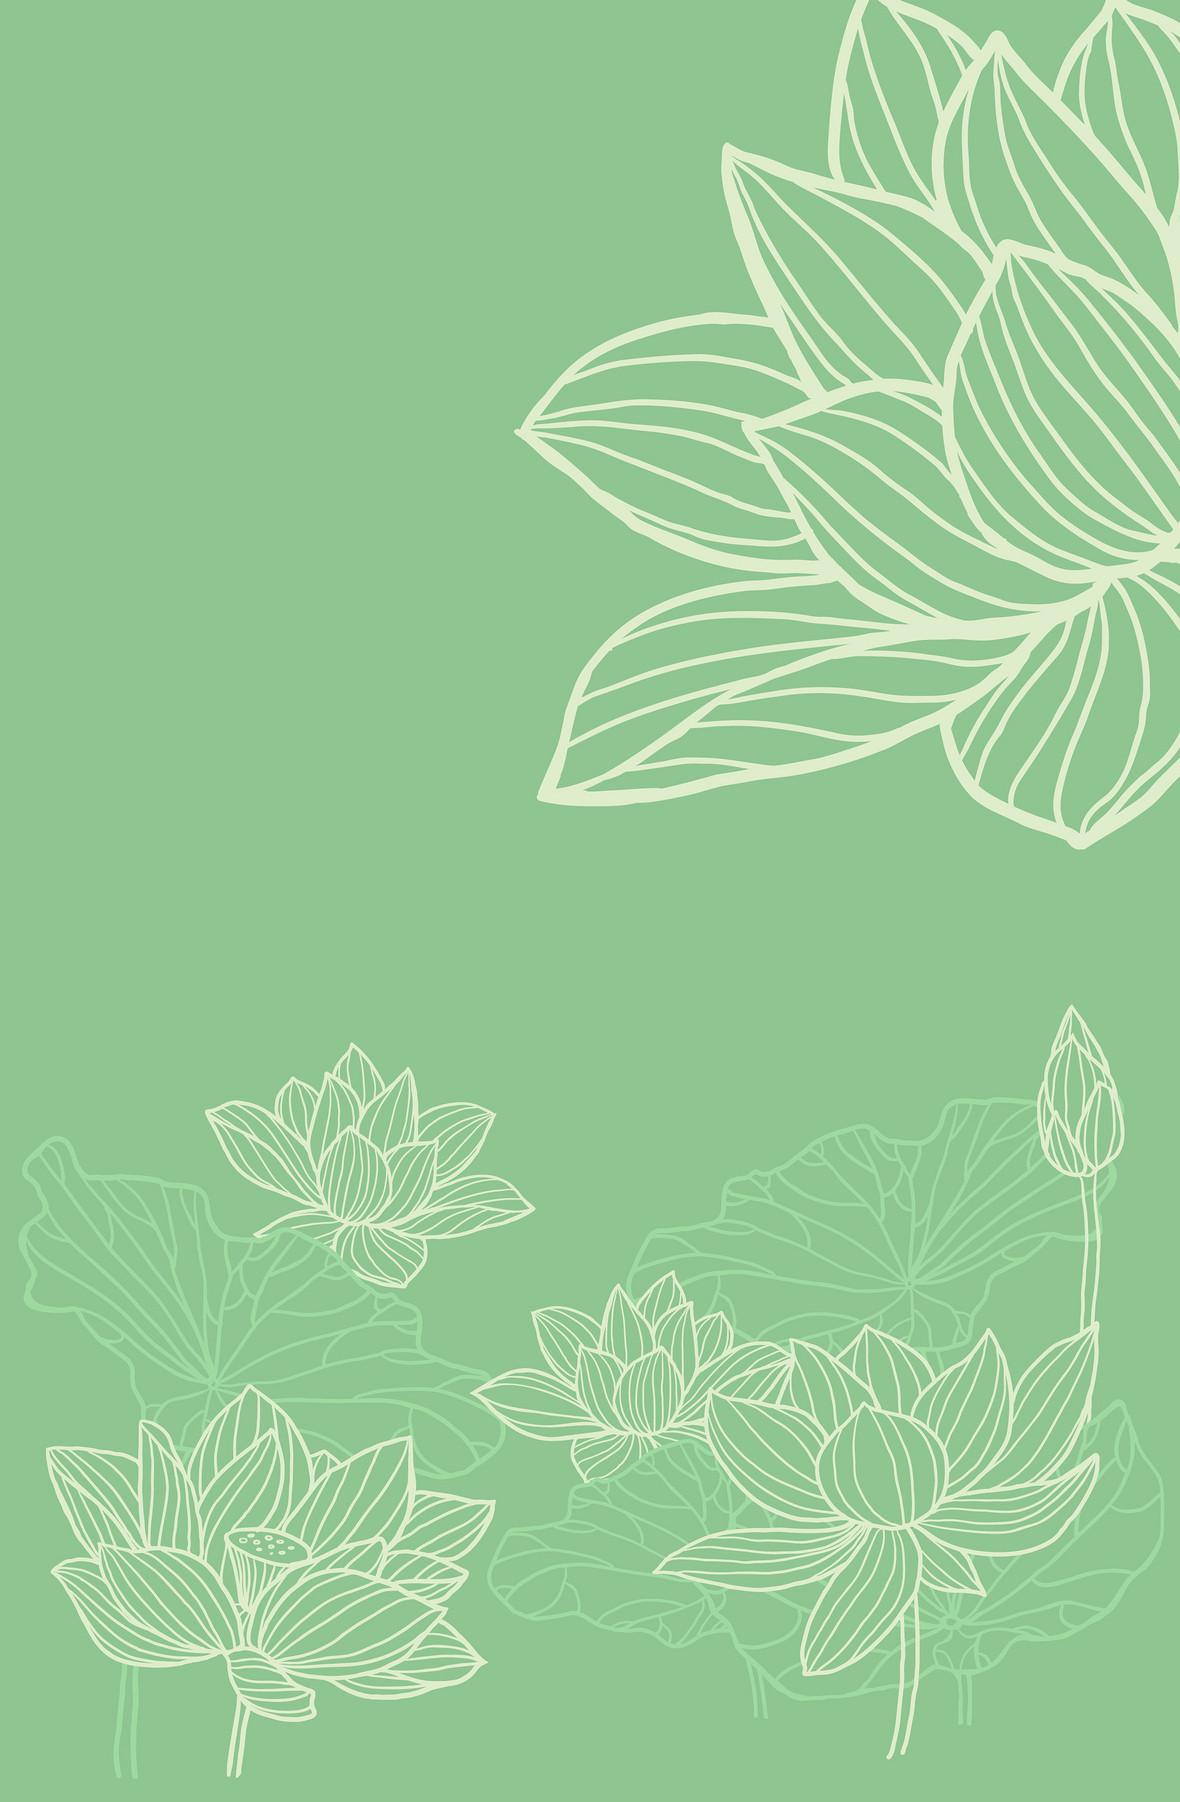 夏日手绘花朵小清新绿色背景